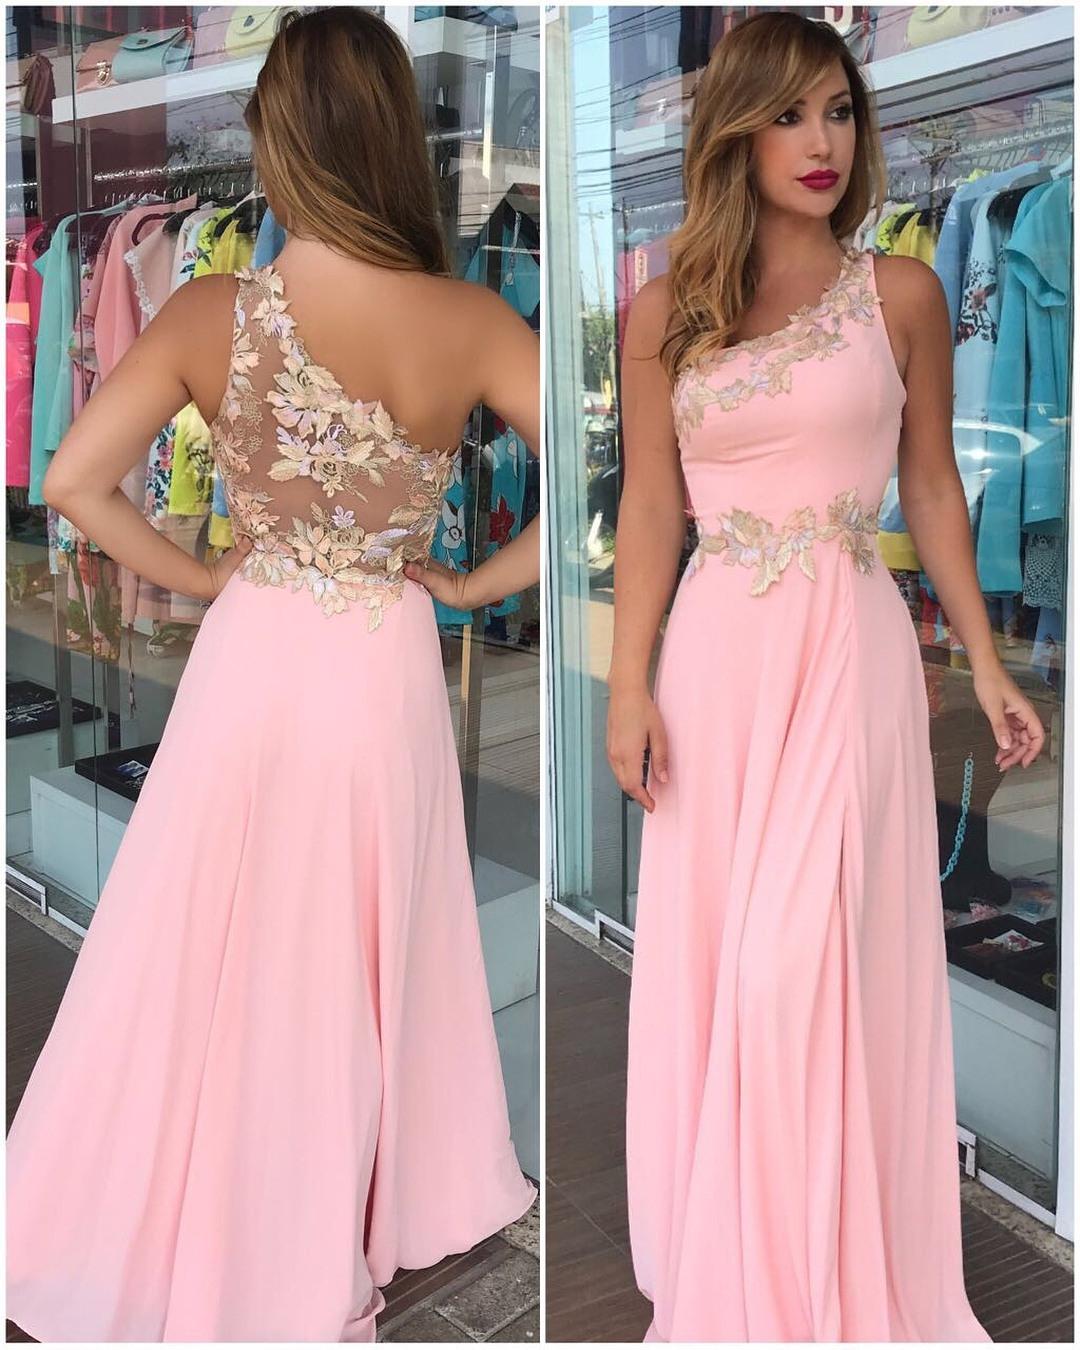 10 Fantastisch Amazon Abend Kleid Galerie13 Großartig Amazon Abend Kleid Stylish